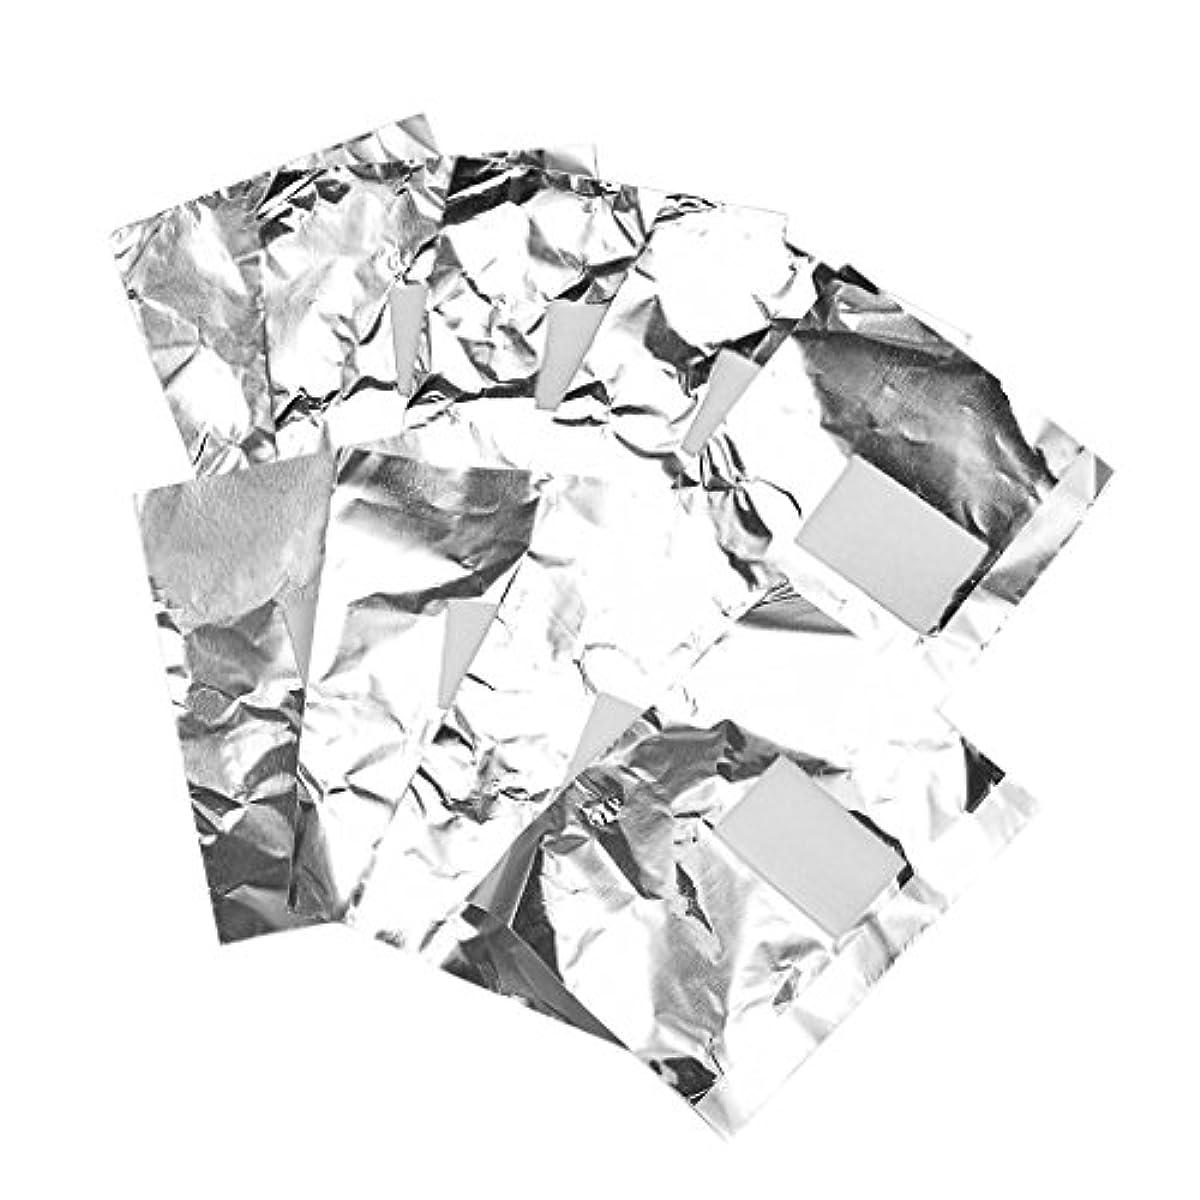 ゆりかご滴下オークKesoto 約100枚 ジェル除却 ネイルアート ネイル装飾除き 錫箔紙 ネイルオイル 包み紙 クリーナーツール